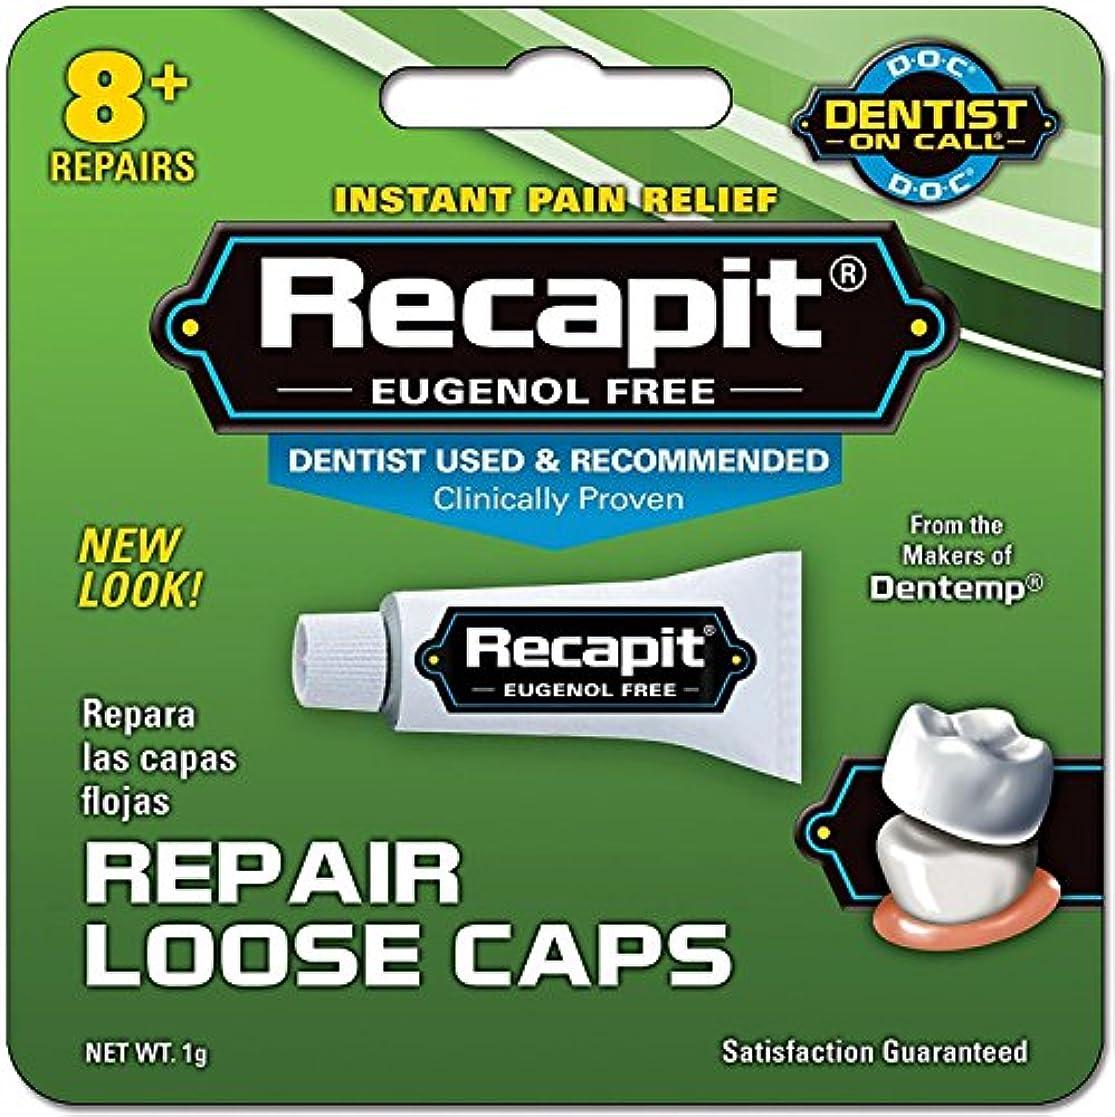 裕福なフォルダコスチュームDoc Recapitルースキャップ歯科修復 - 8つの修理、2パック